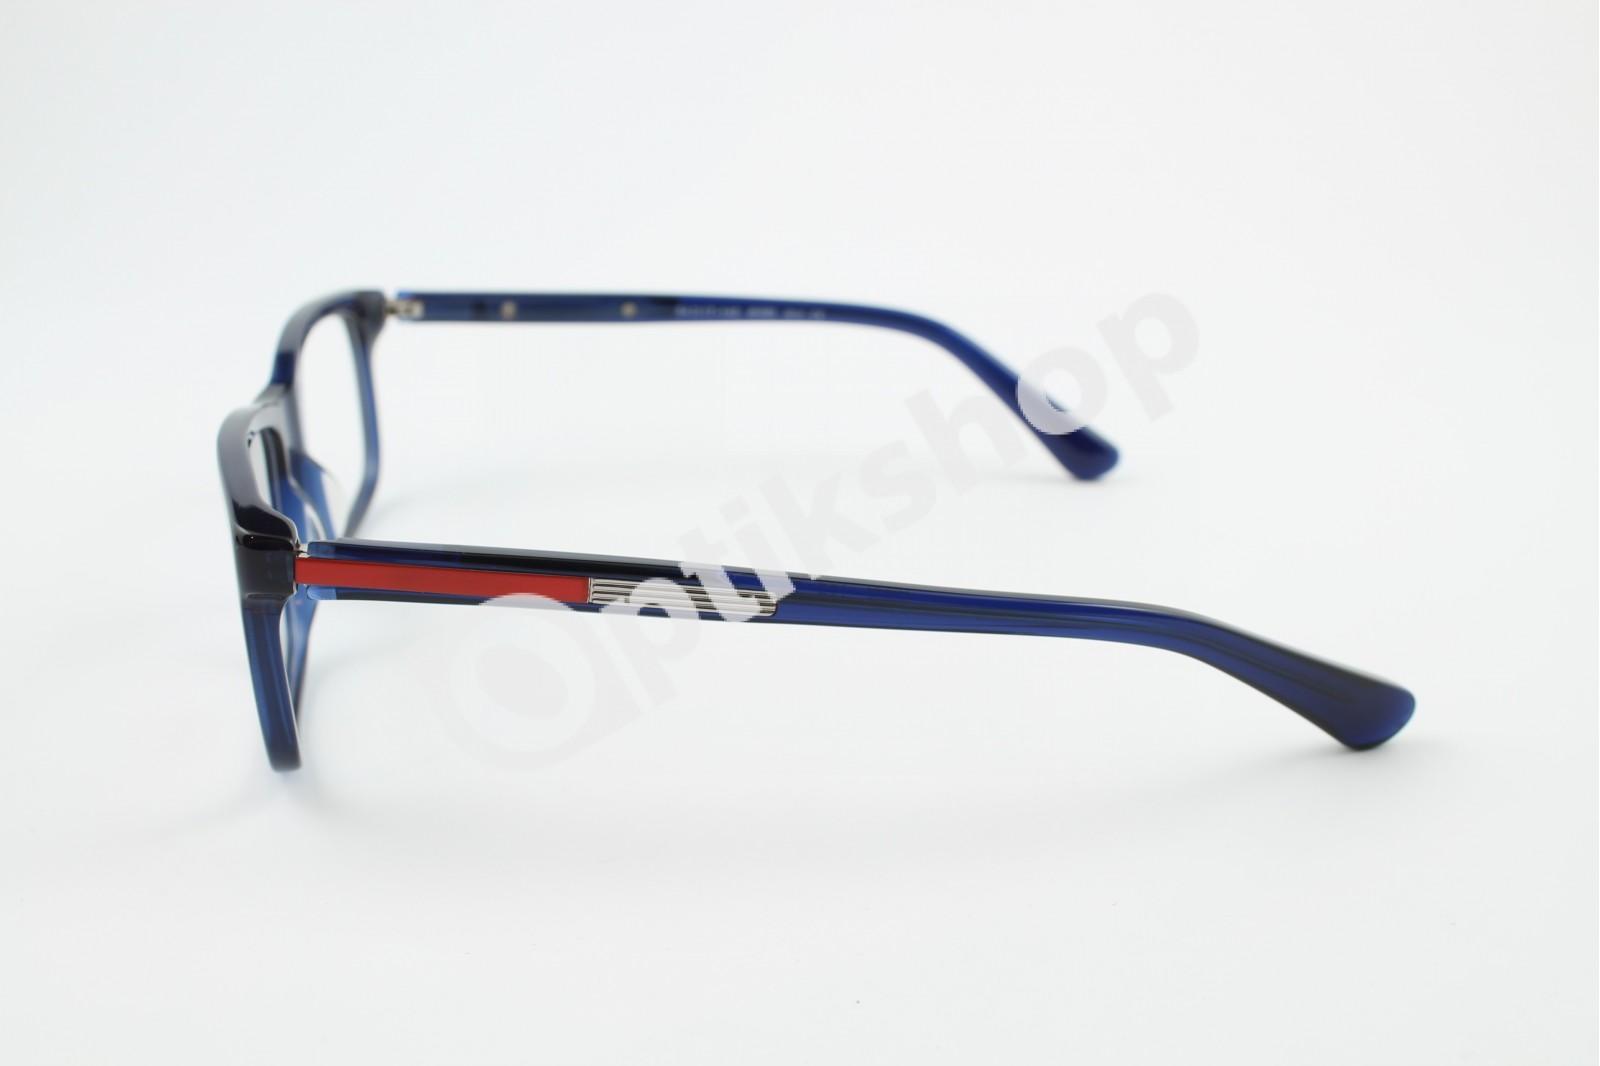 Retro szemüveg  Retro szemüveg  Retro szemüveg 173c0bd57e